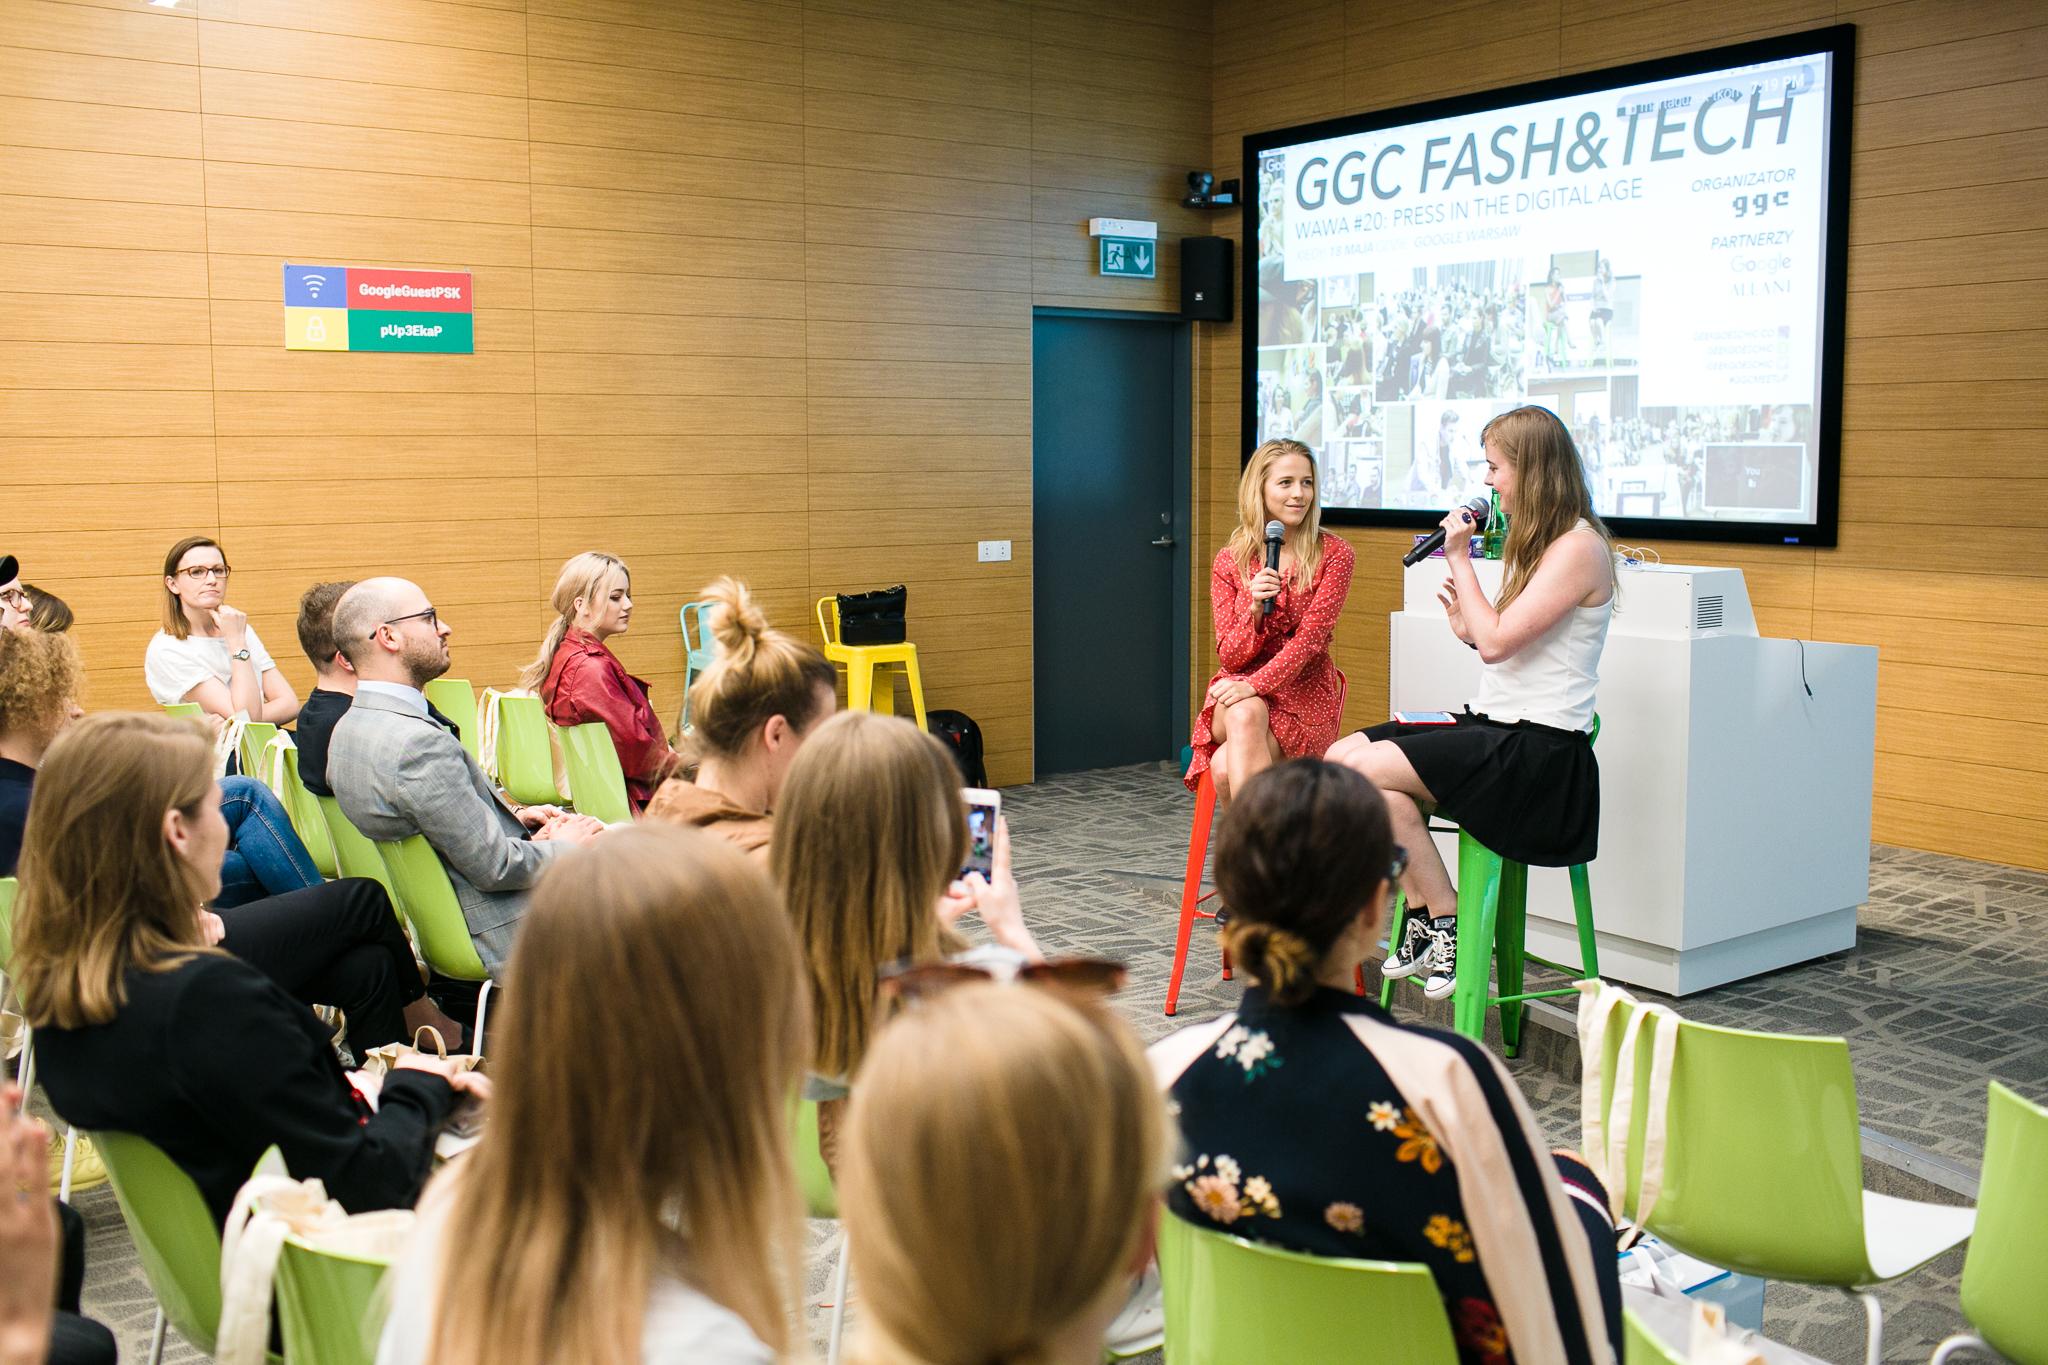 Dziewczyna w czerwonej sukience i dziewczyna w biało-czarnej sukience, w tle ludzie siedzący na krzesłach.